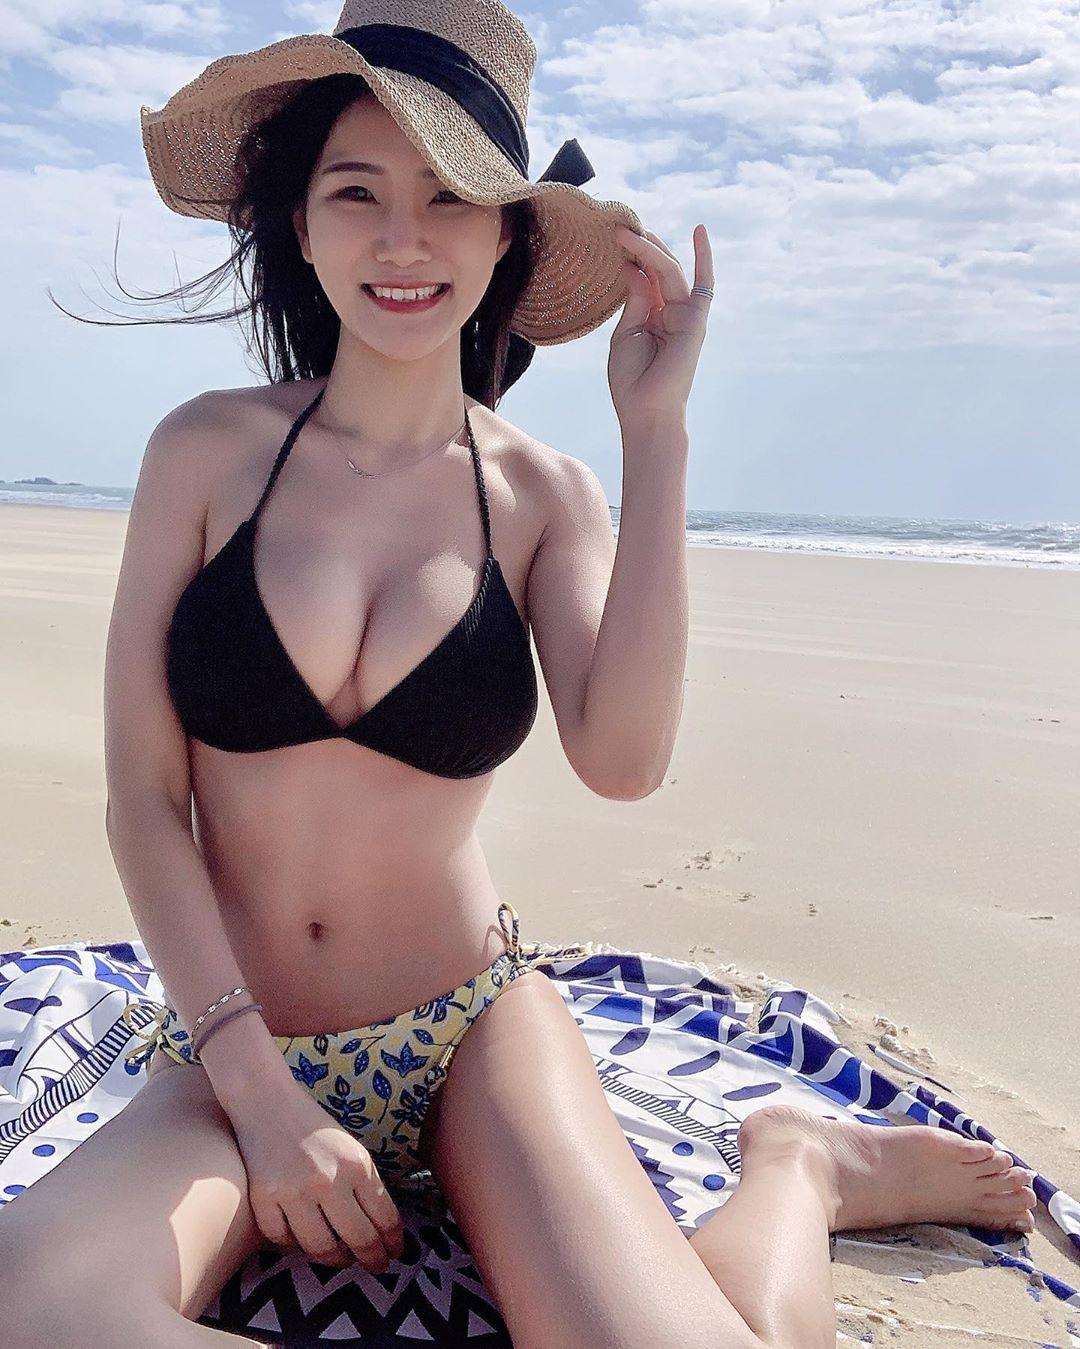 台北银行理财专员林小欣沙滩展示极品身材超凶猛